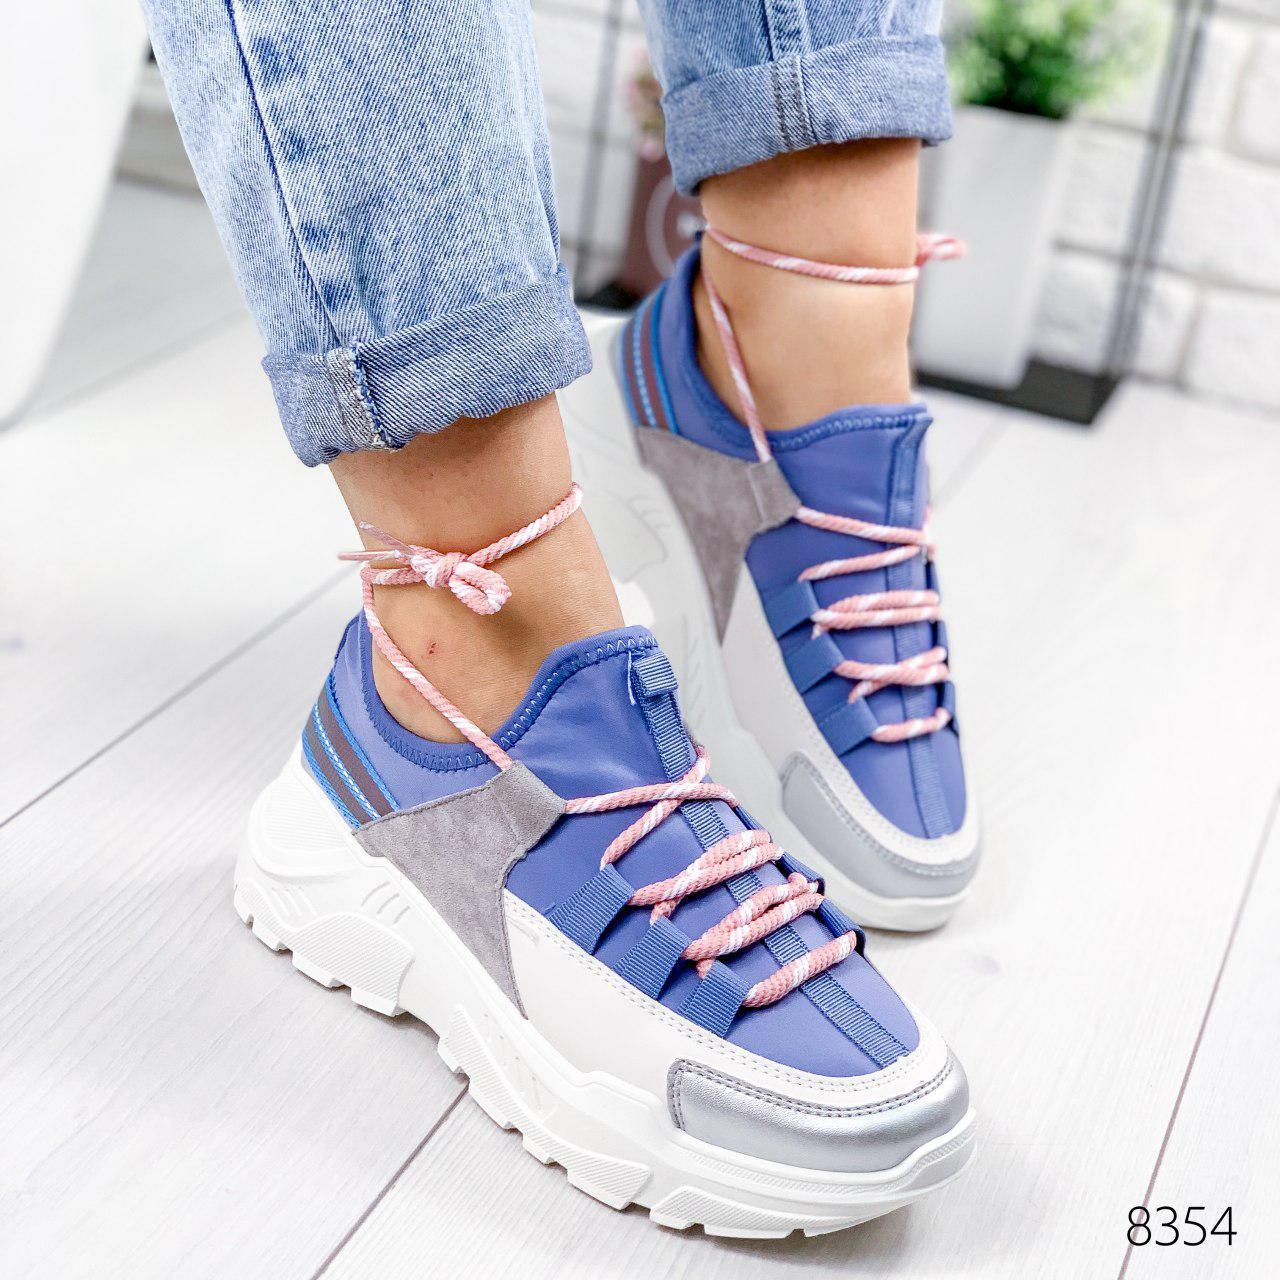 """Кроссовки женские """"Ousten"""" синего цвета из текстиля. Кеды женские. Мокасины женские. Обувь женская"""